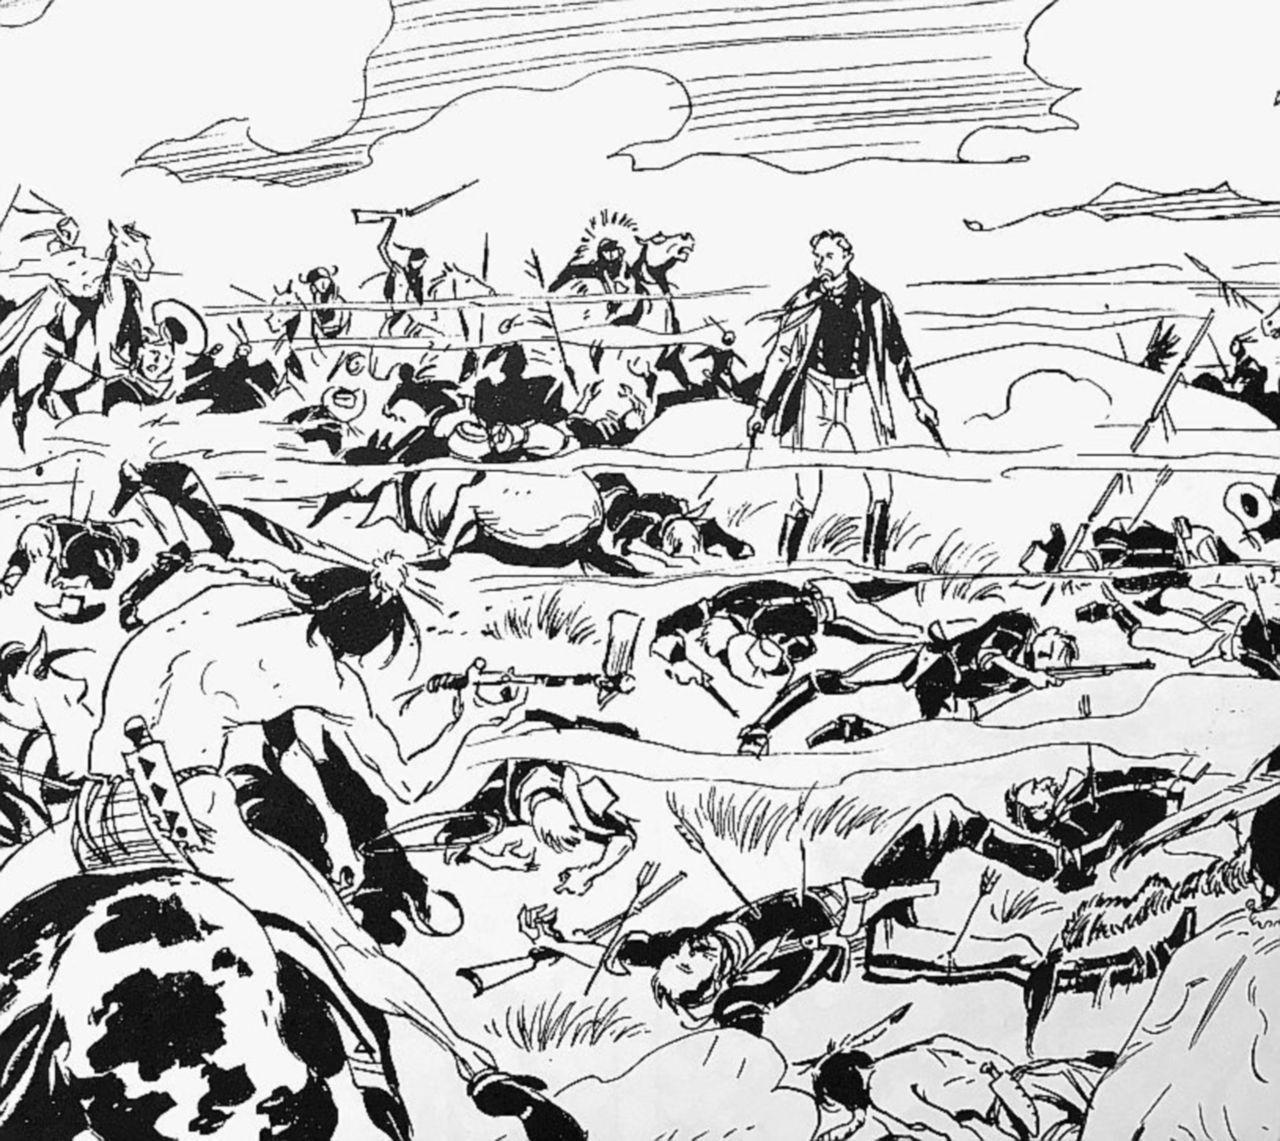 L'epica fine del mito della frontiera:  la battaglia senza gloria di Little Big Horn